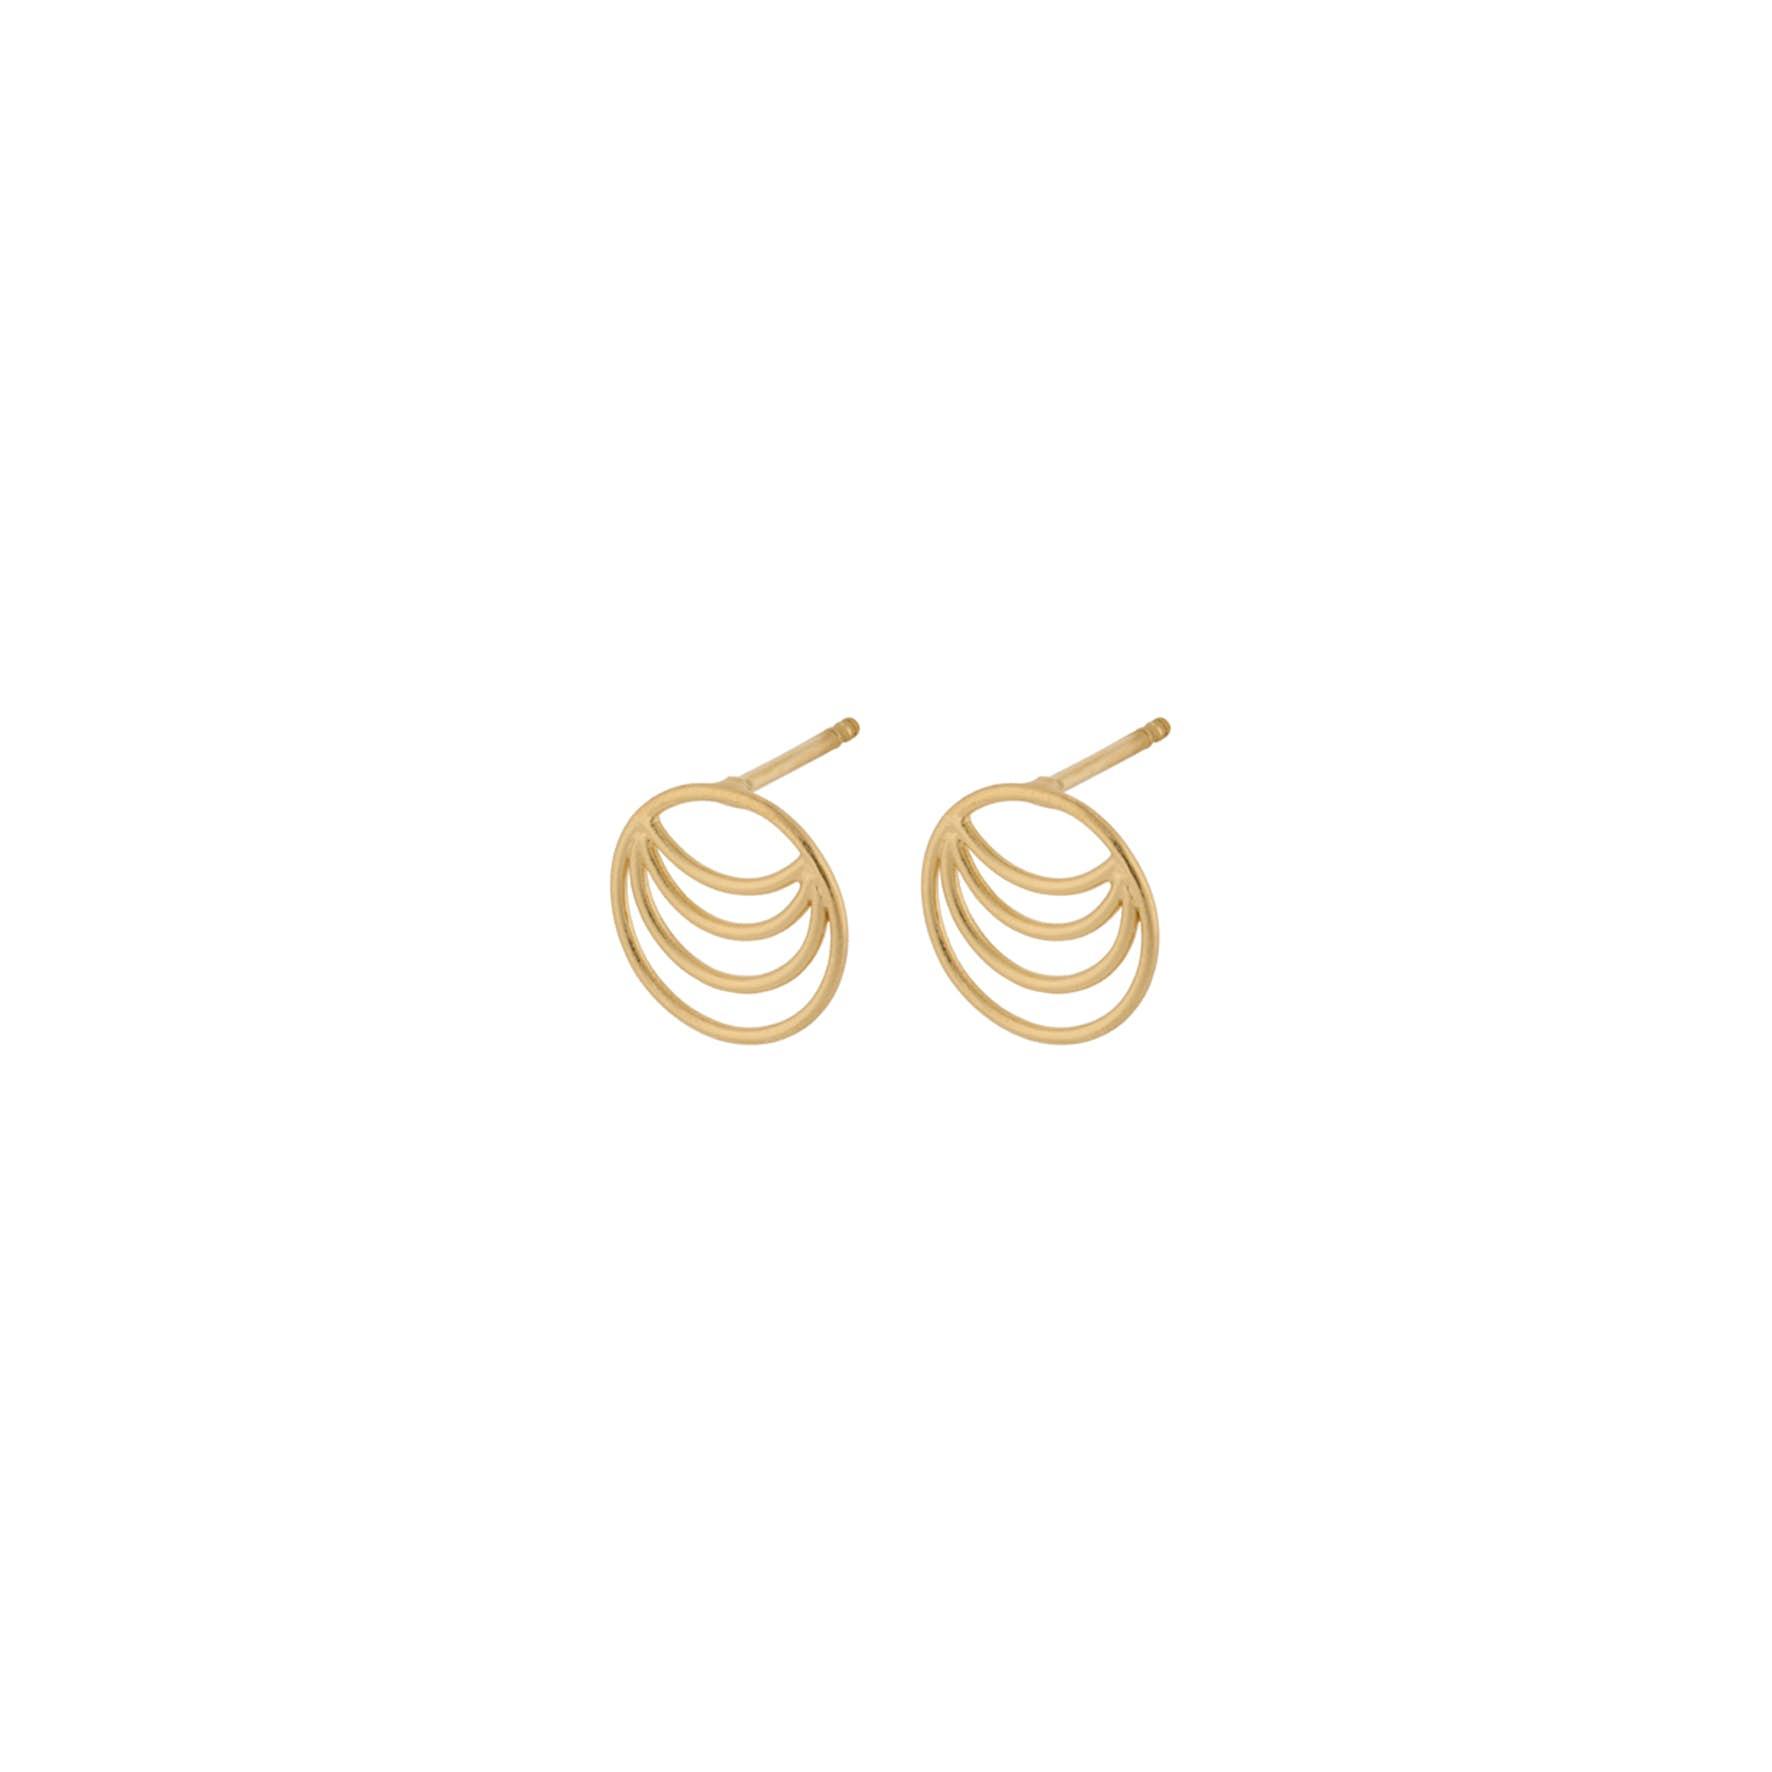 Silhouette Earsticks von Pernille Corydon in Vergoldet-Silber Sterling 925